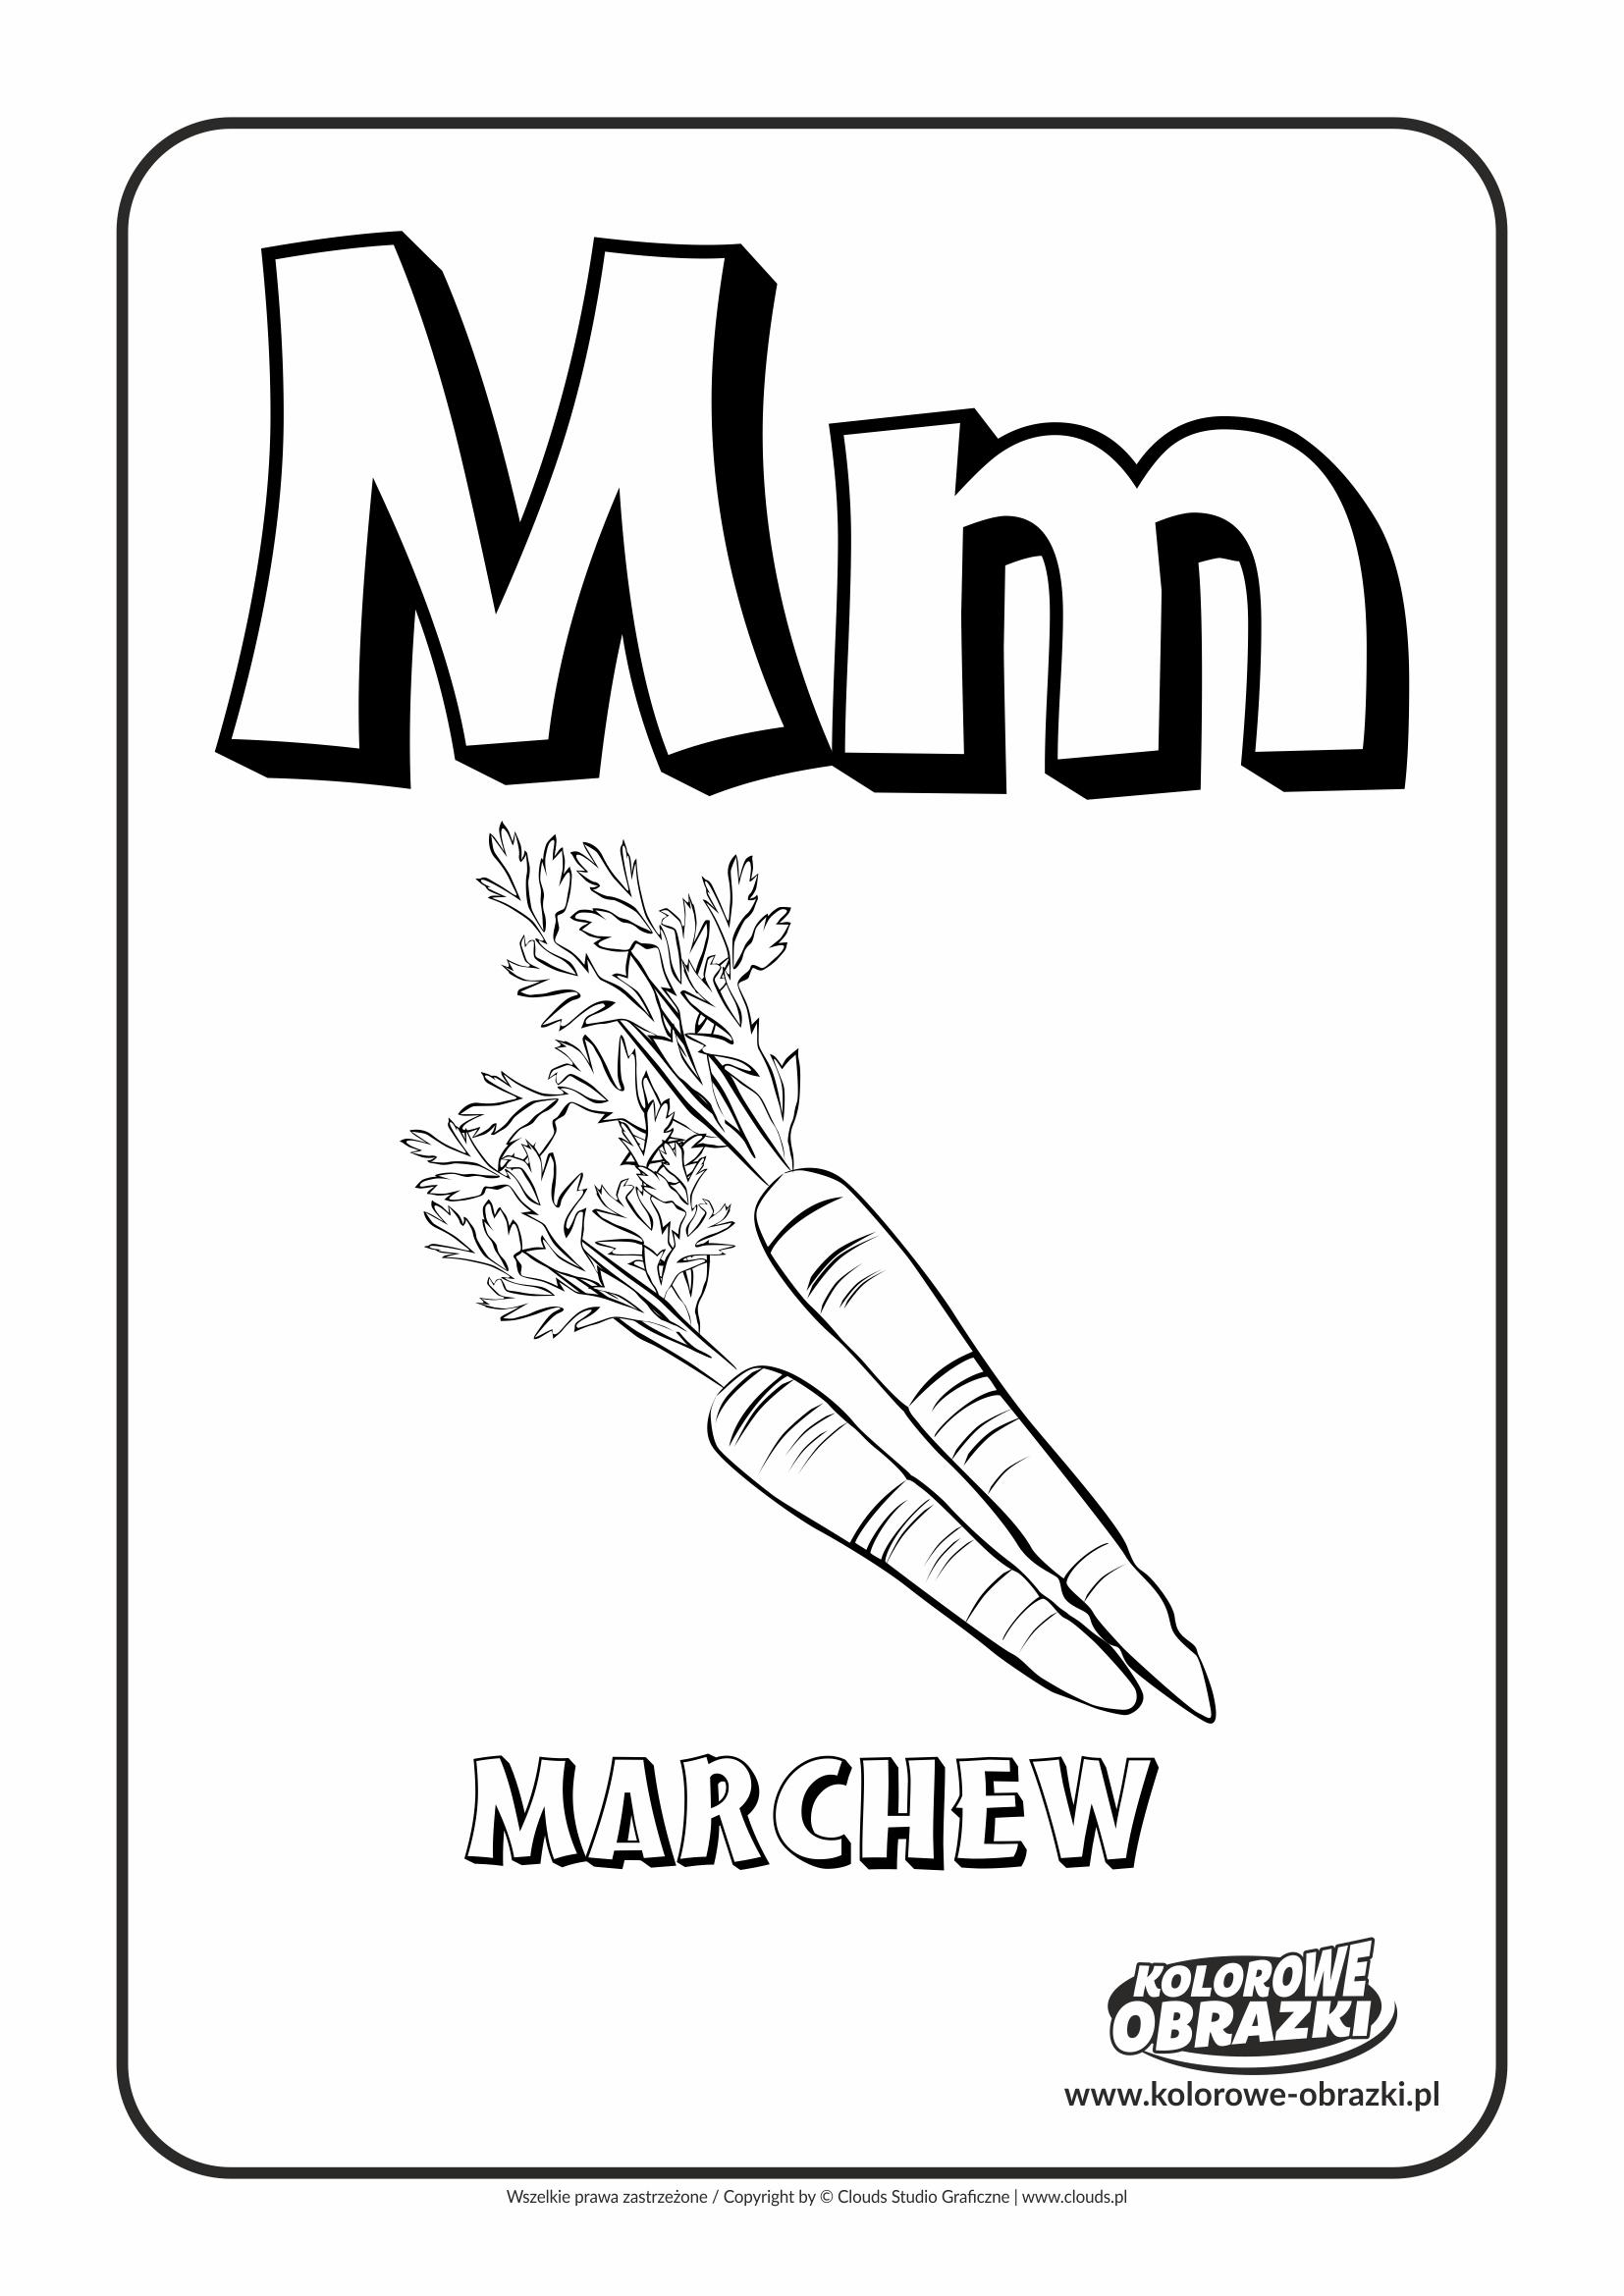 Kolorowanki dla dzieci - Litery / Litera M. Kolorowanka z literą M